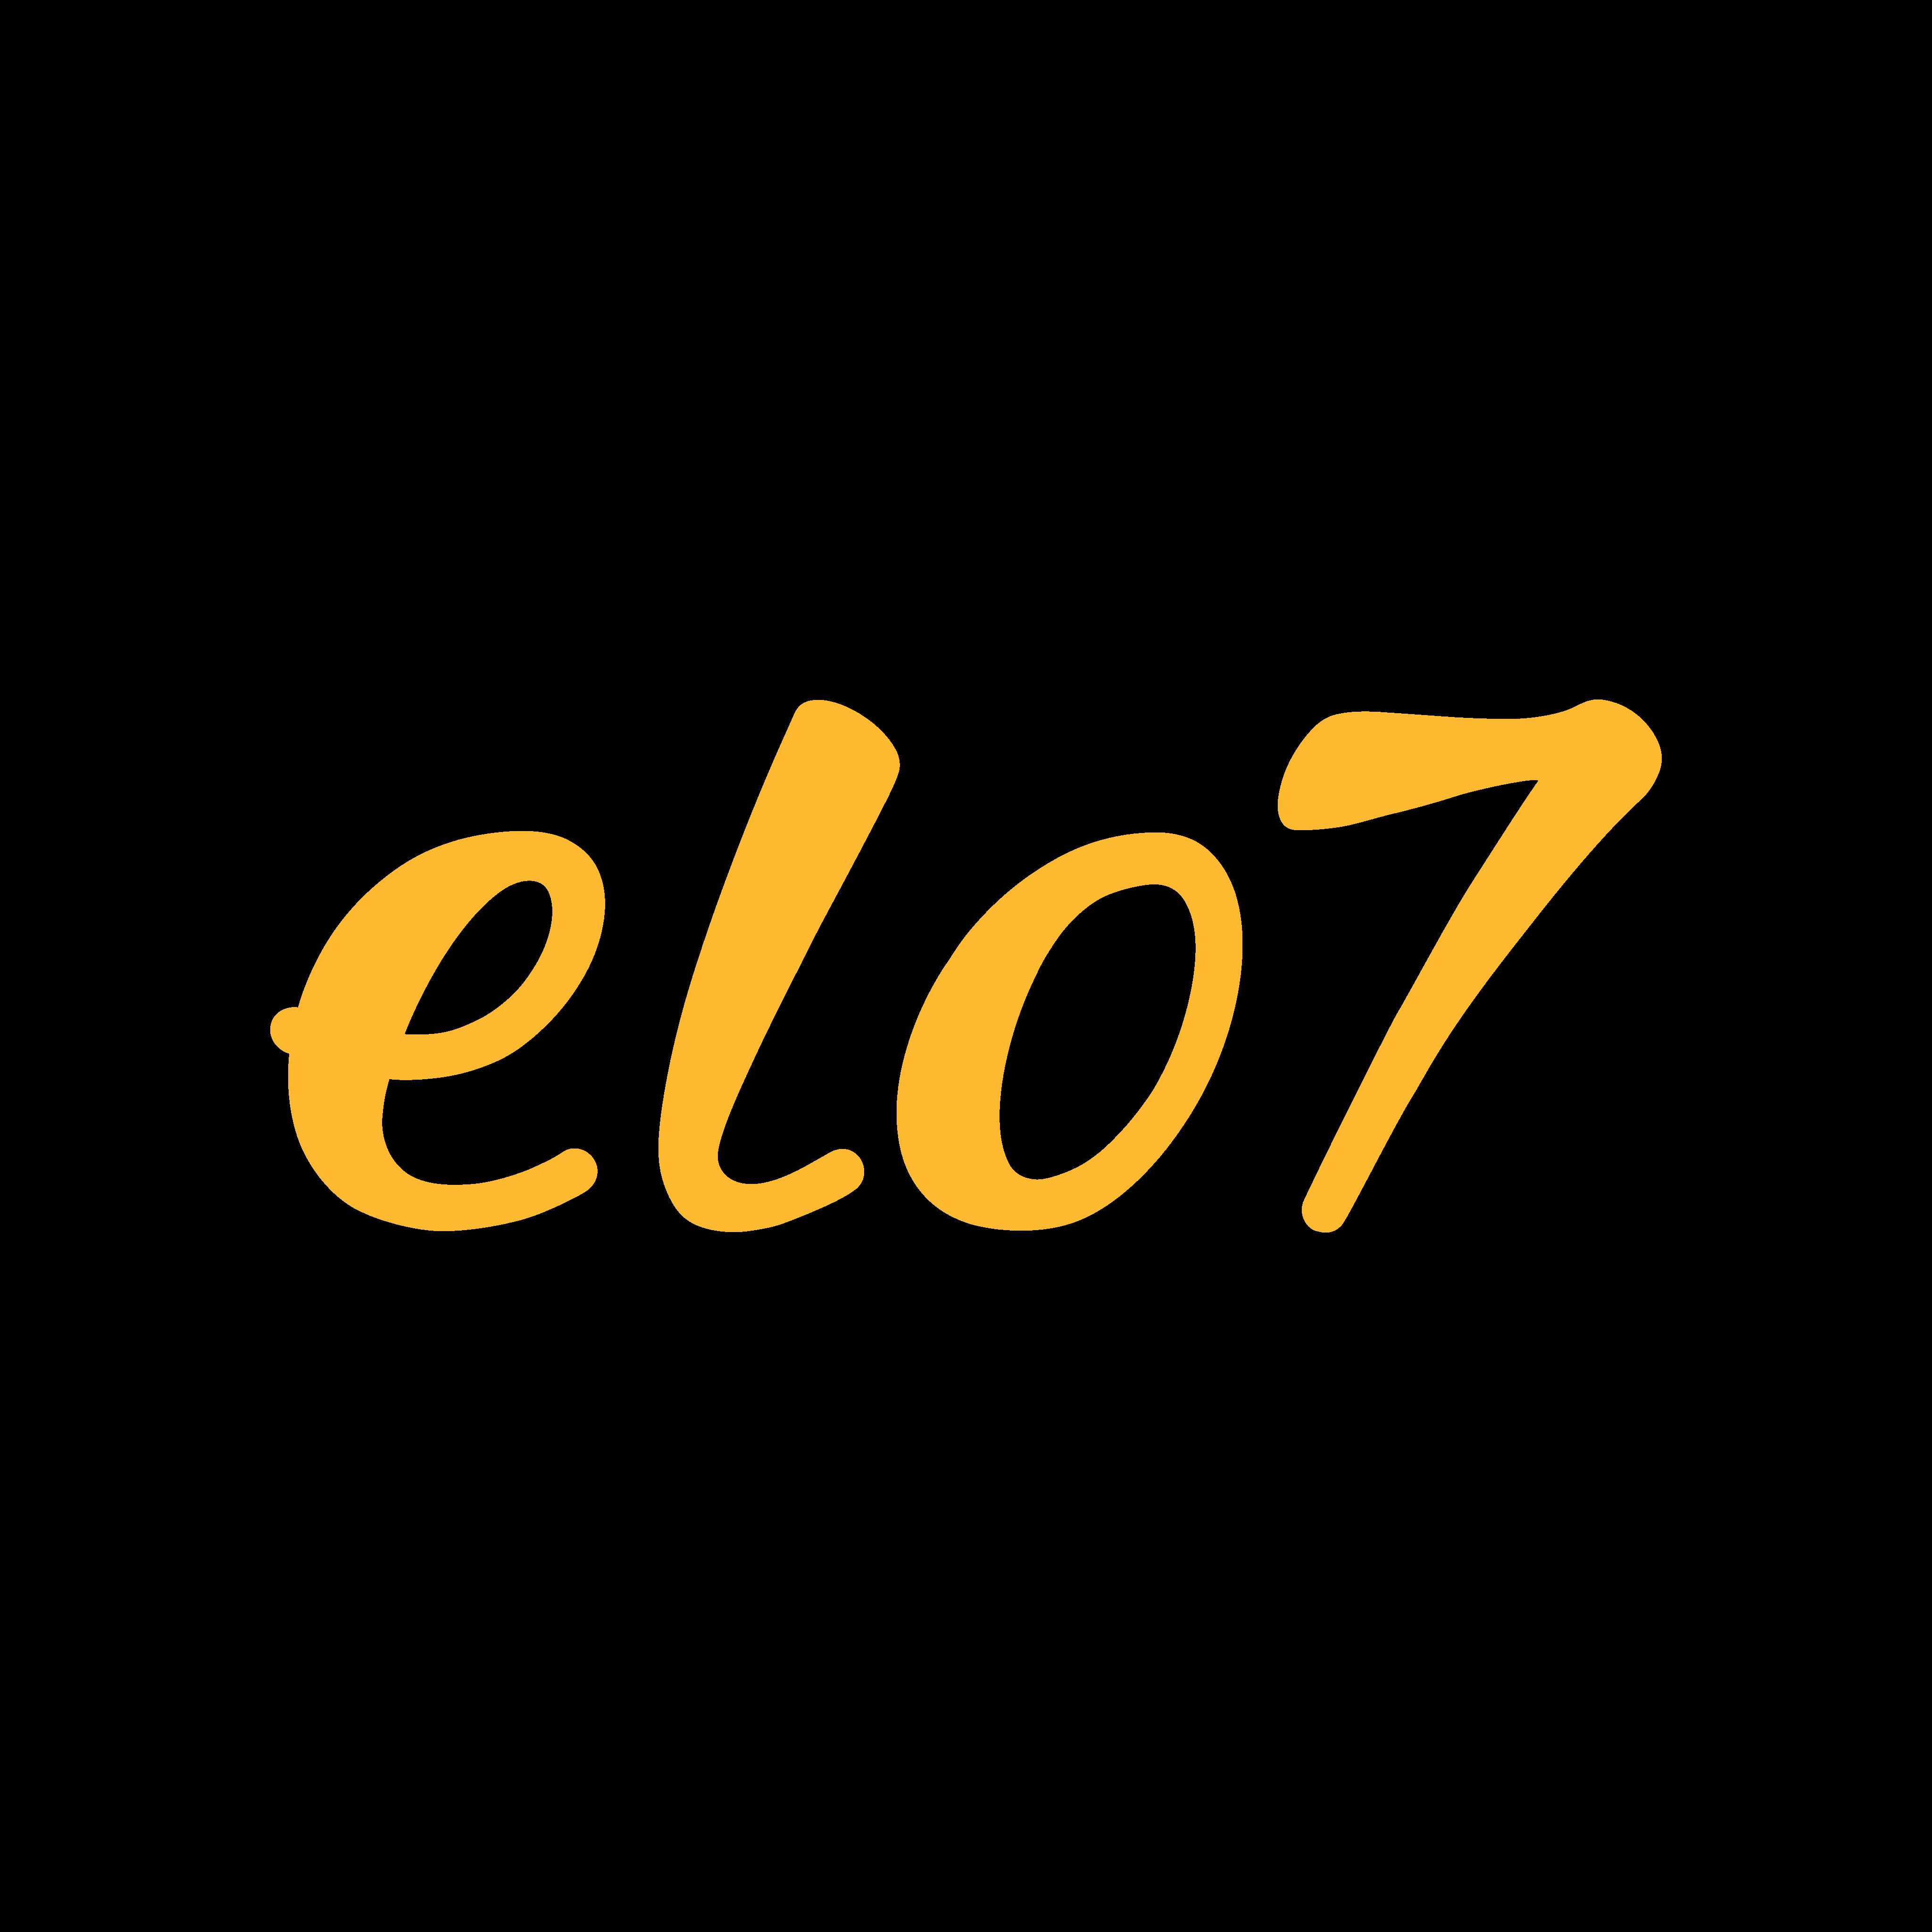 elo7 logo 0 - Elo7 Logo